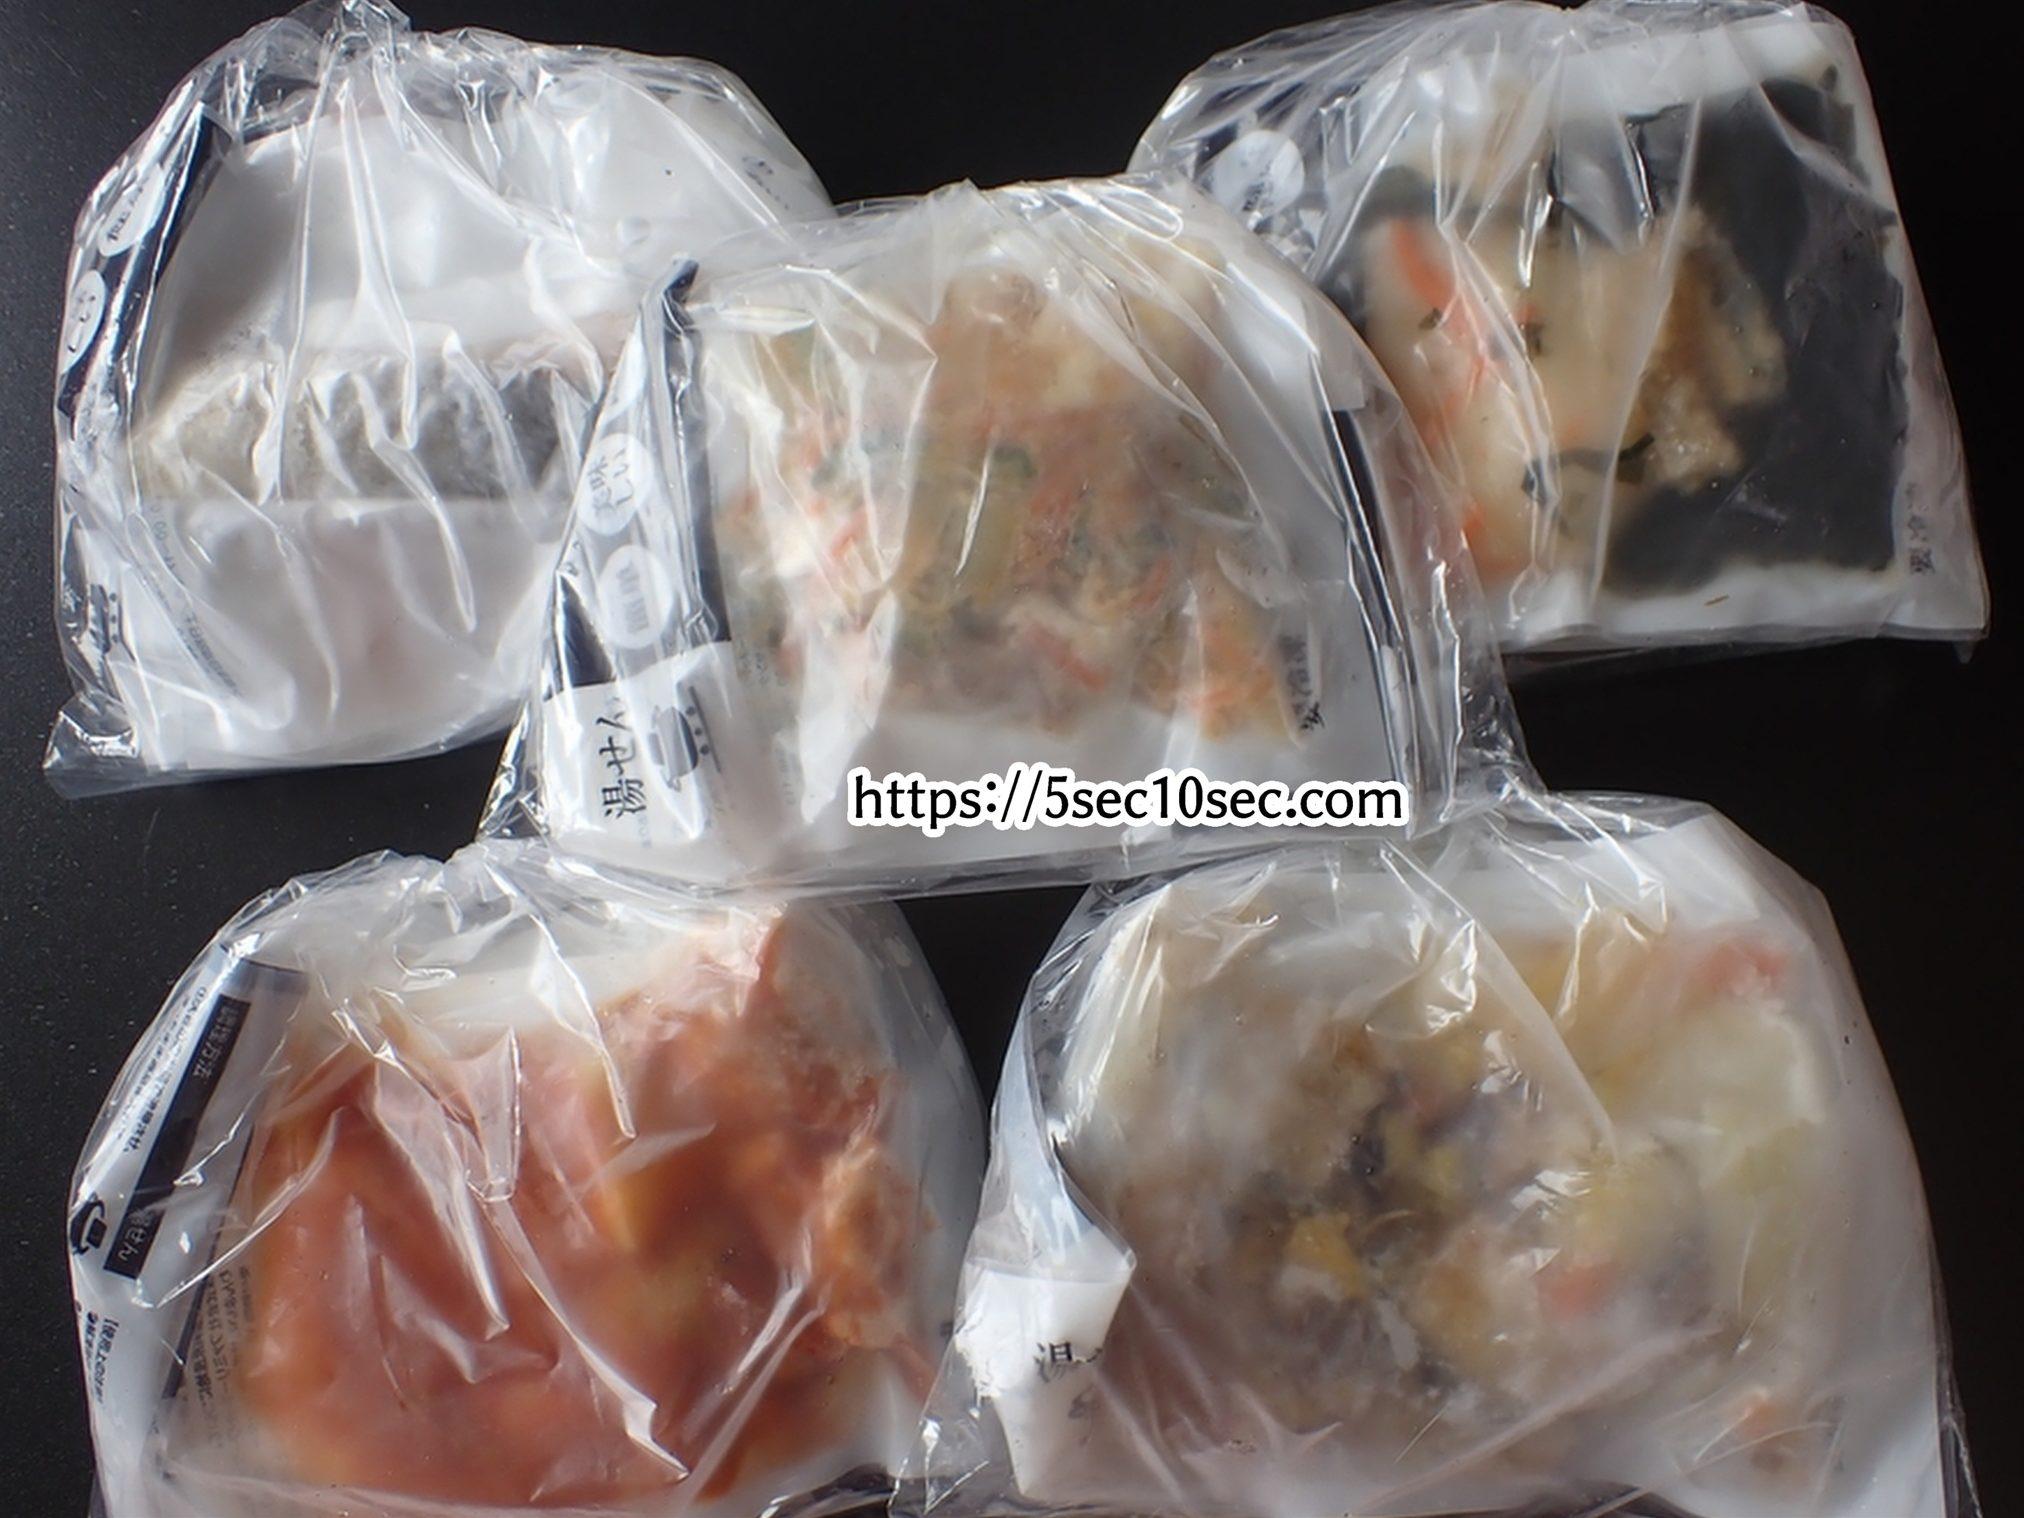 わんまいる 健幸ディナー 一品ずつ個包装、1食分ずつまとめて袋に入っています